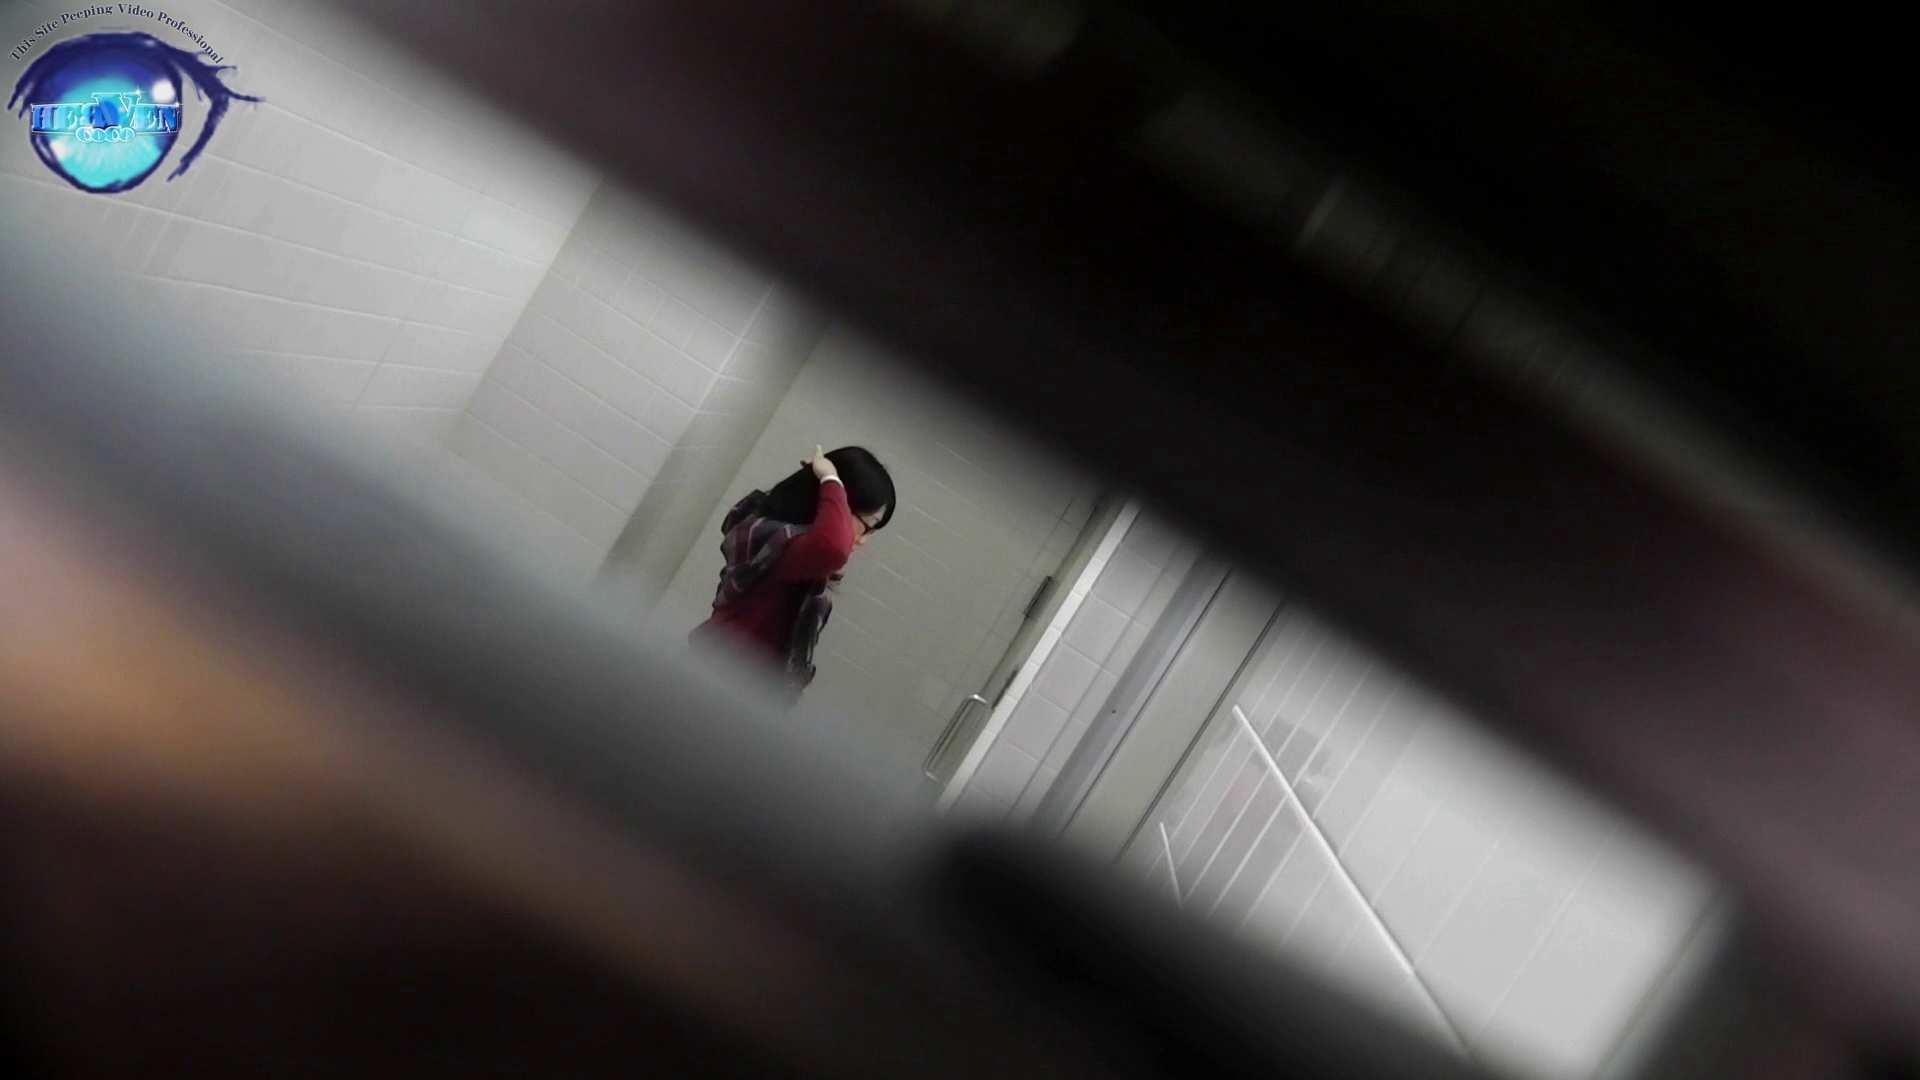 お銀さん vol.59 ピンチ!!「鏡の前で祈る女性」にばれる危機 後編 0  77連発 30